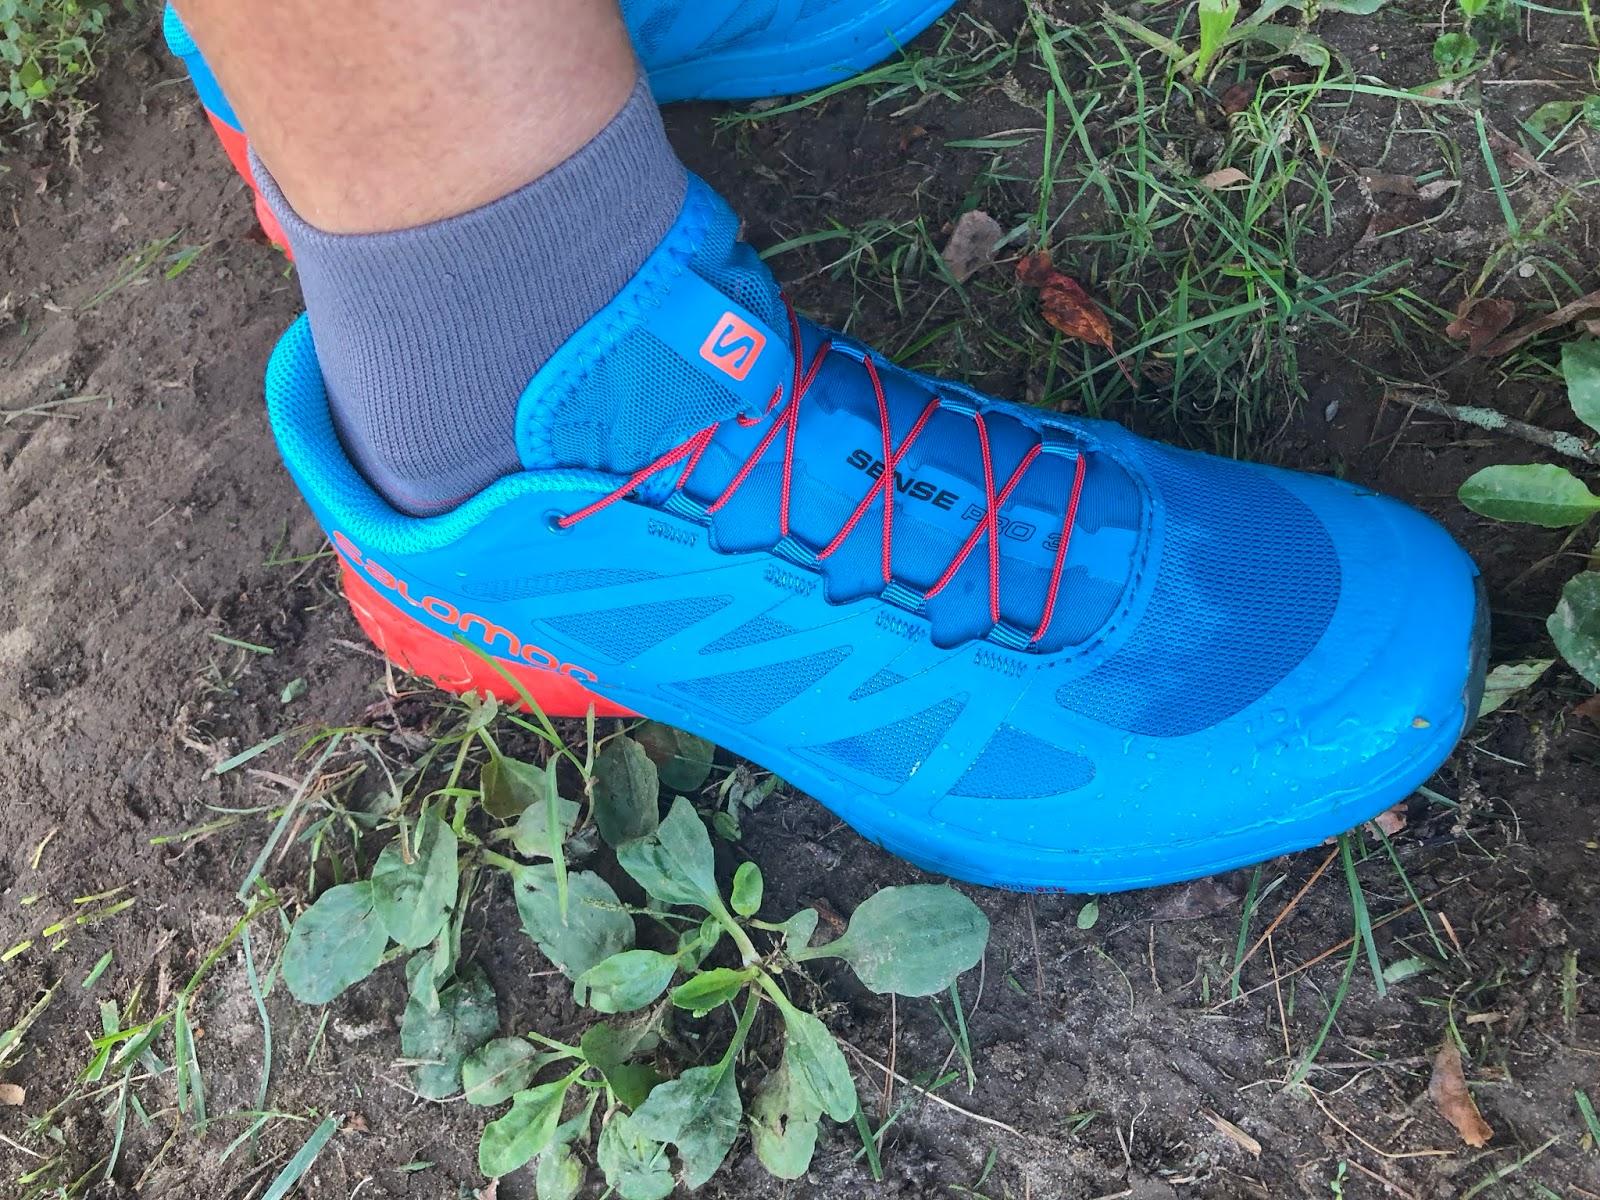 3 Pro Review Trail Road Sense RunSalomon Nn0PX8wOk